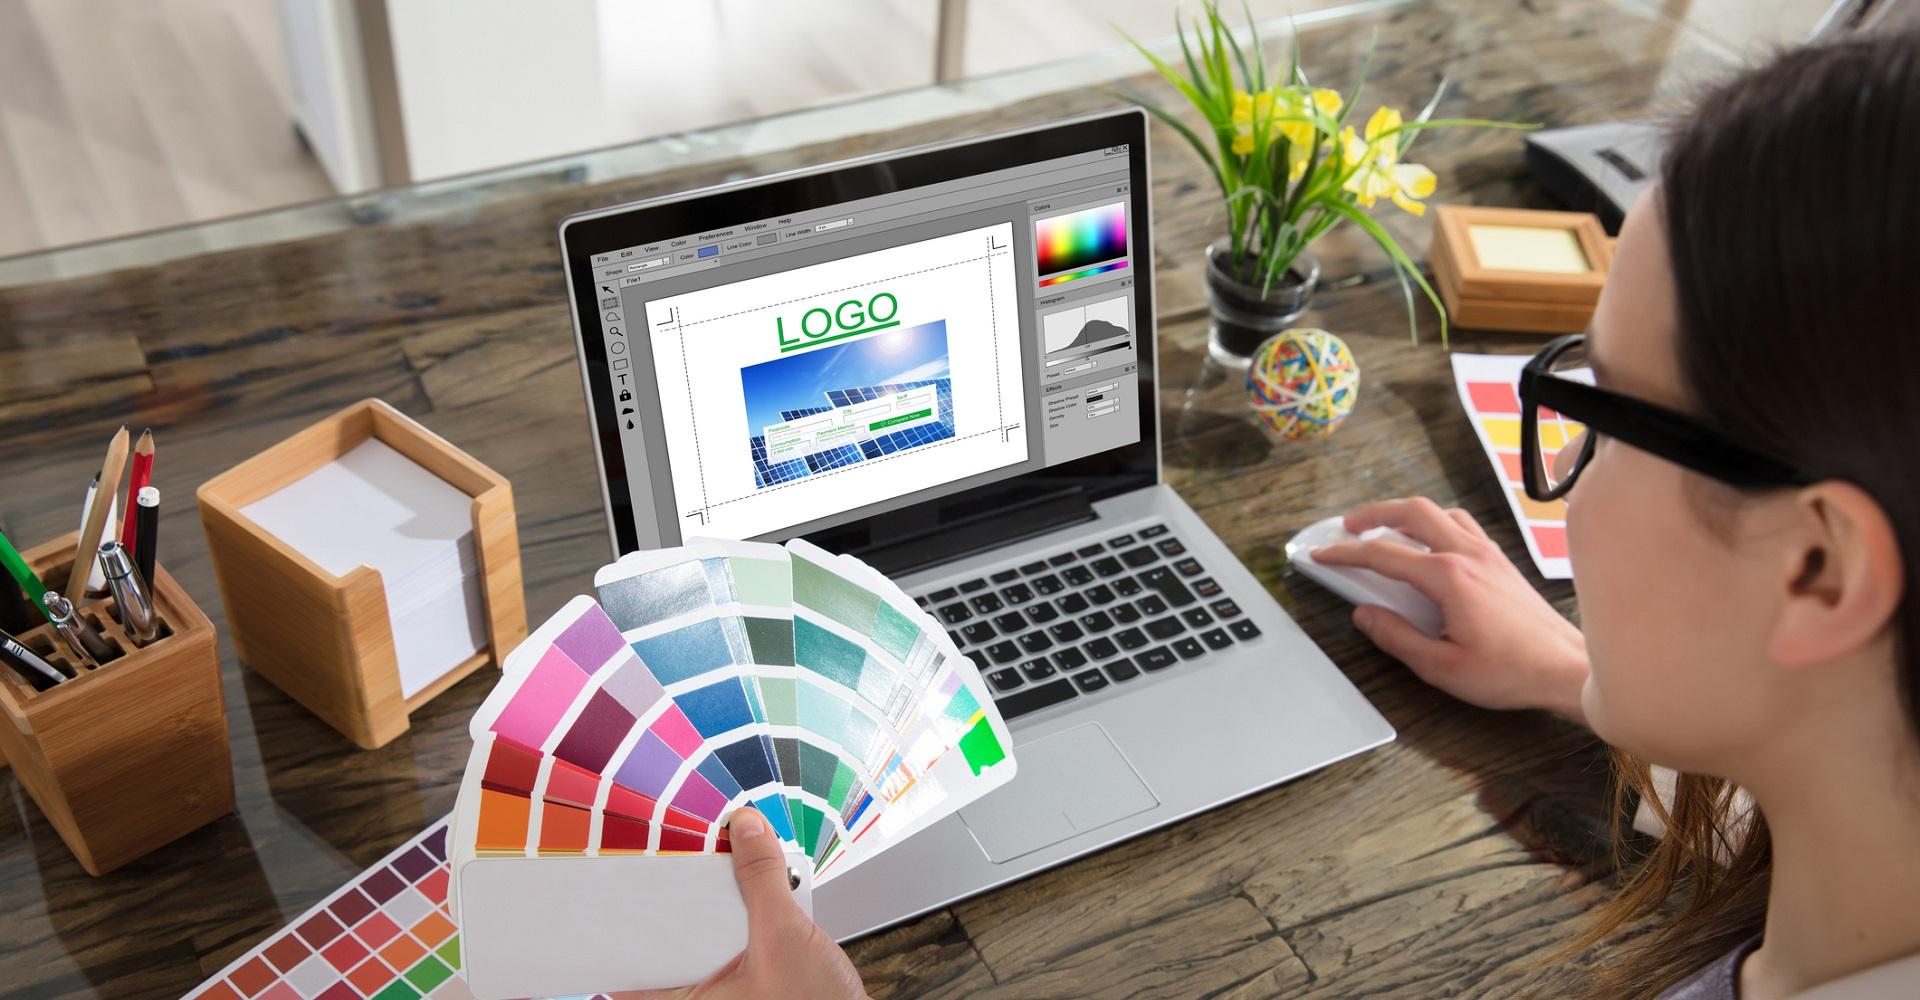 Frau erstellt eigenes Logo mit Photoshop